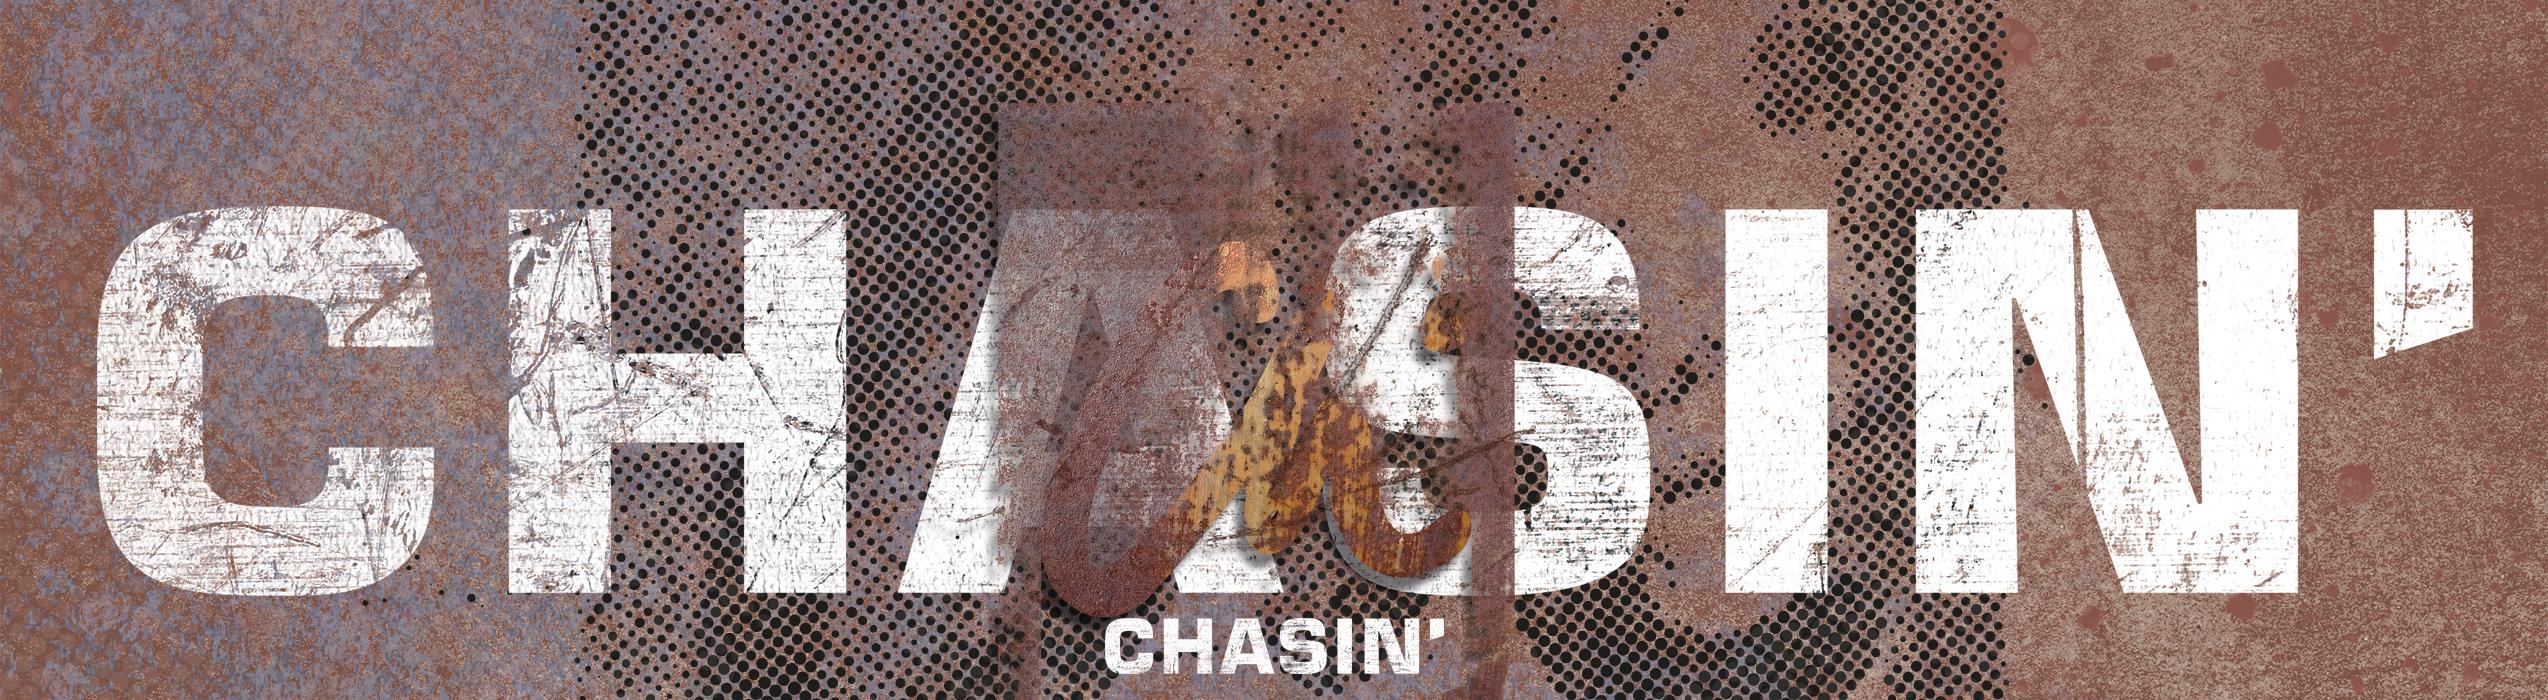 Chasin_artwork_ringel_design©